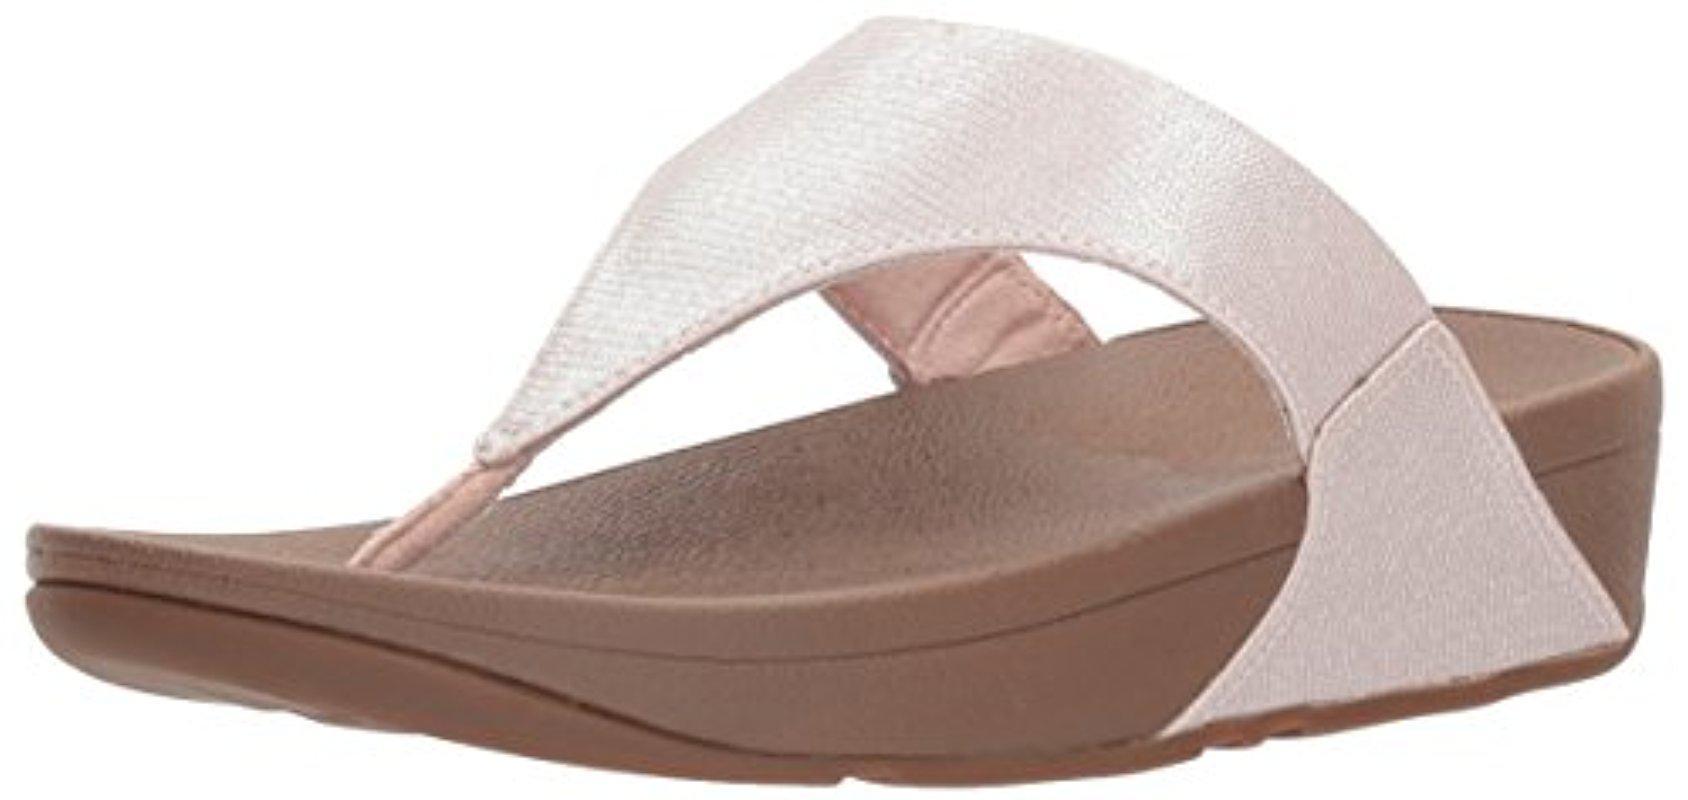 de410dc6b Lyst - Fitflop Lulu Lizard-print Flip Flops Sandal in Brown